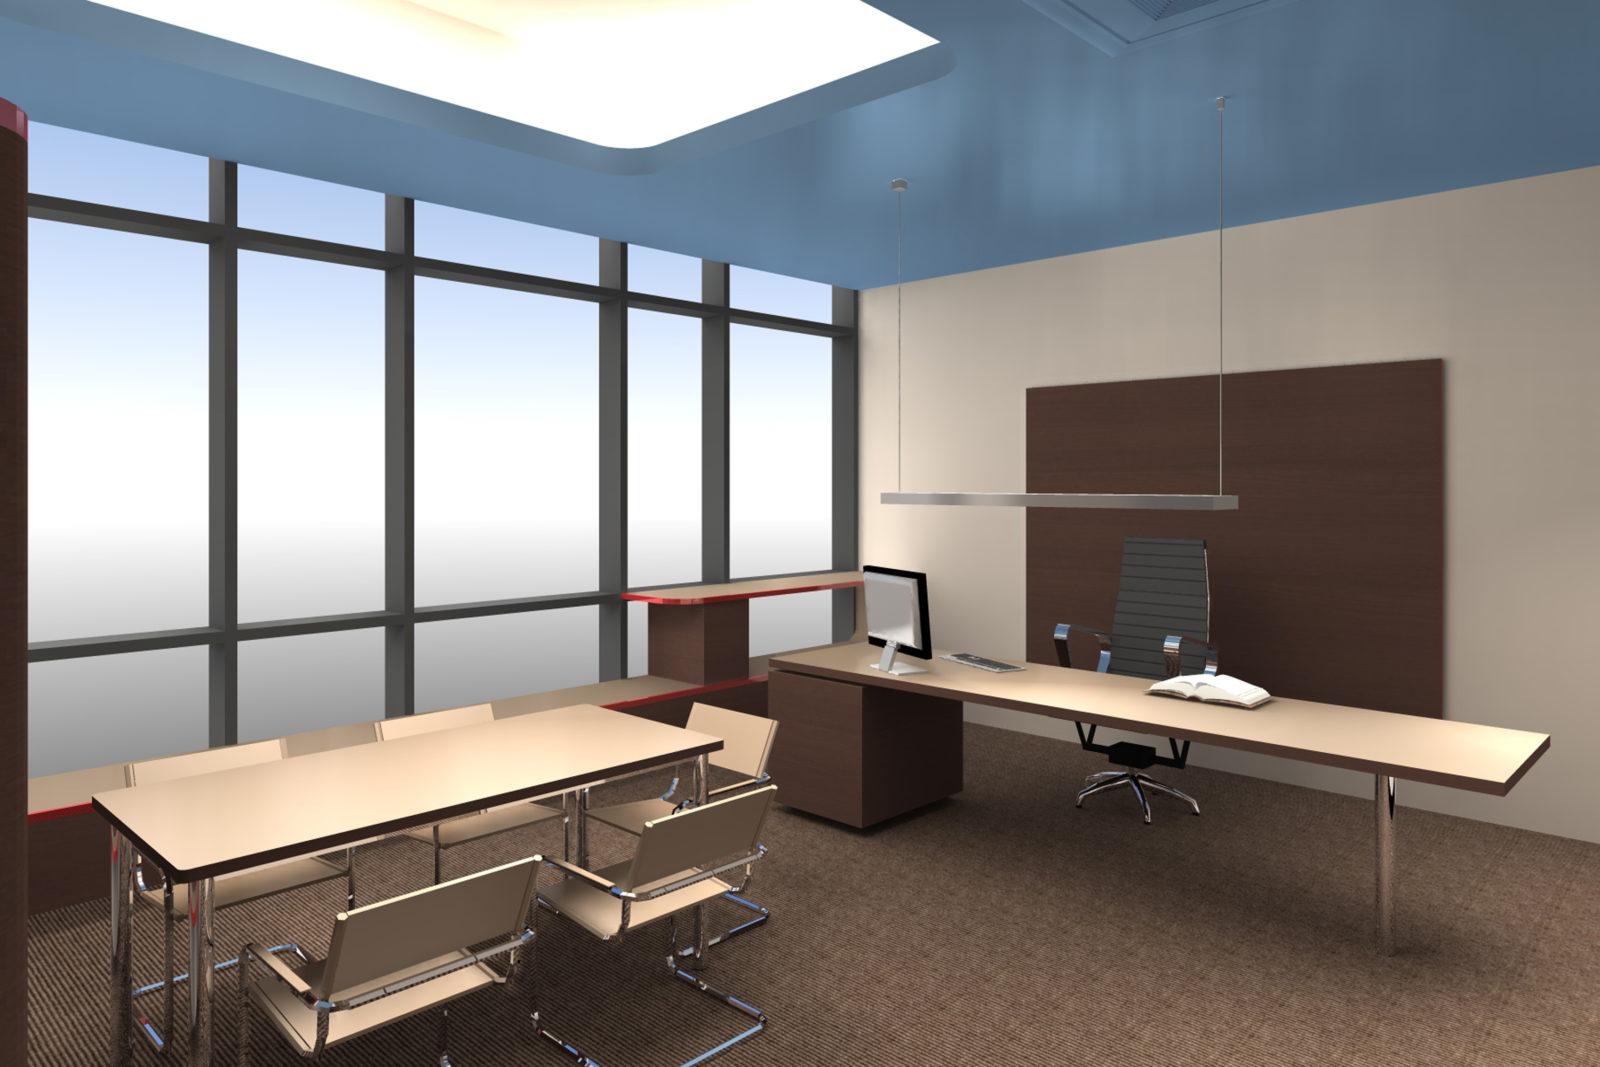 Neugestaltung Geschäftsräume GiSA GmbH in Halle - Arbeitsraum